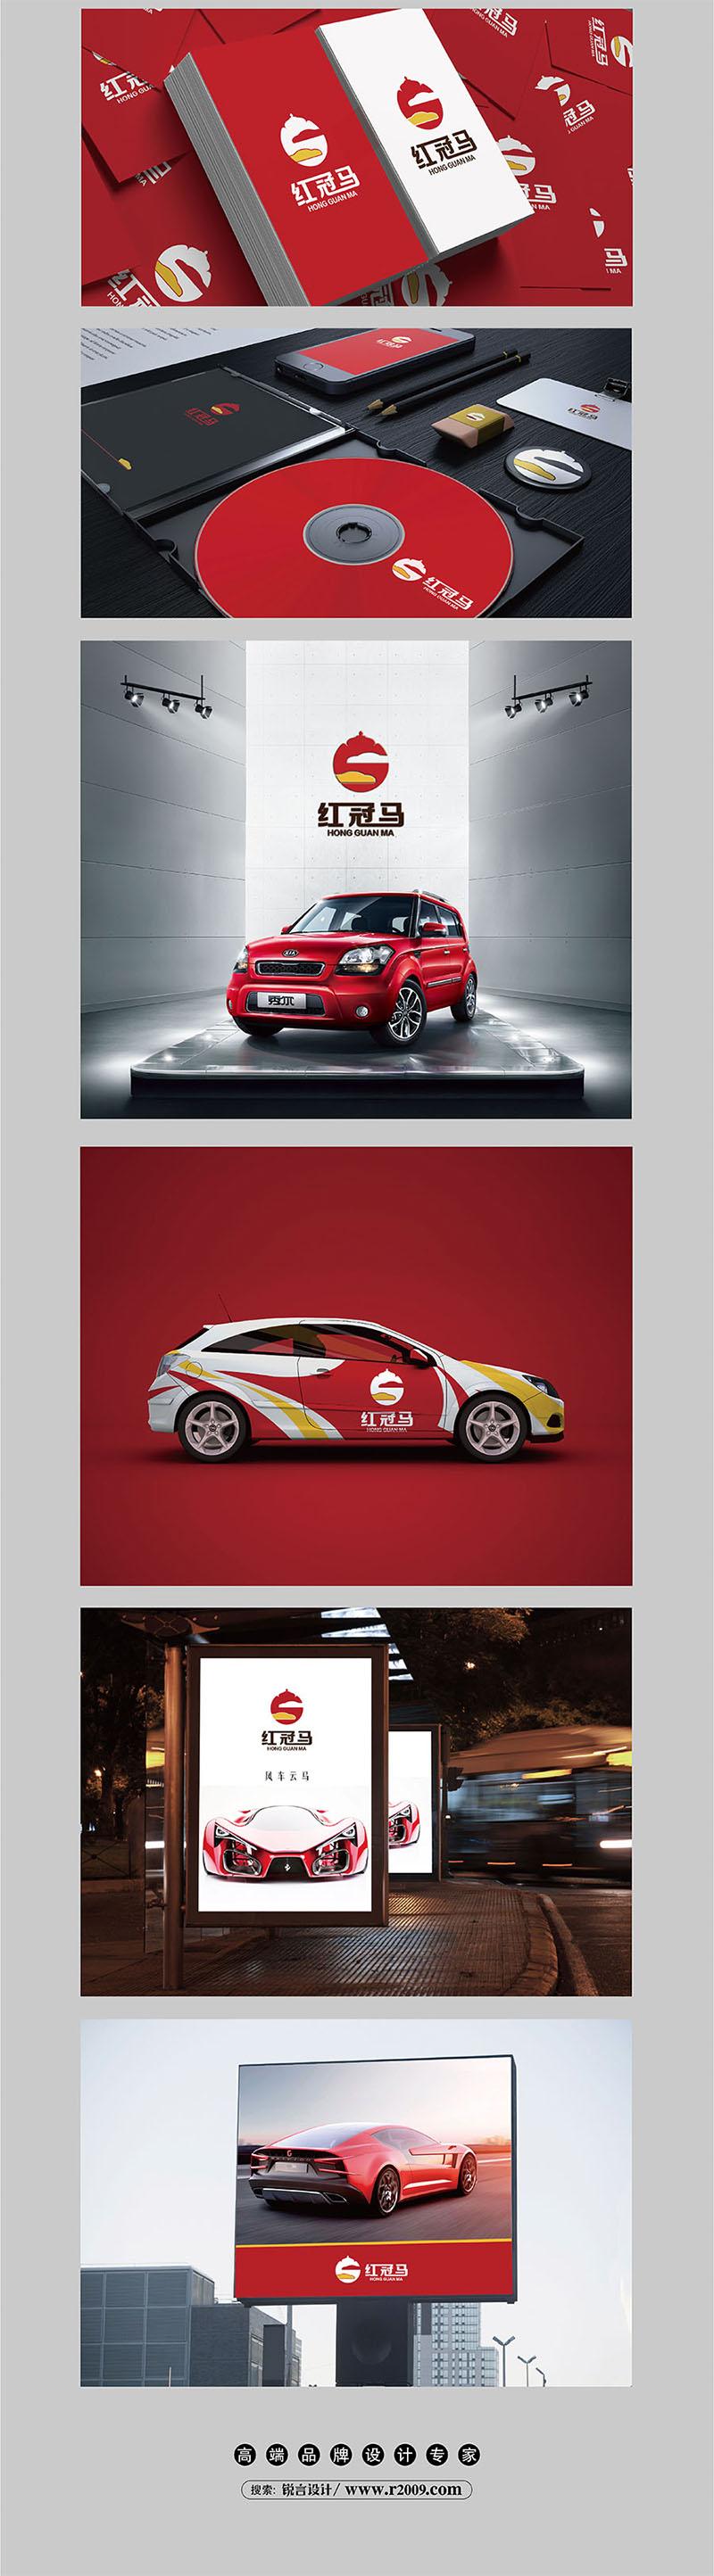 广西红冠马二手车品牌VI 标志设计01.